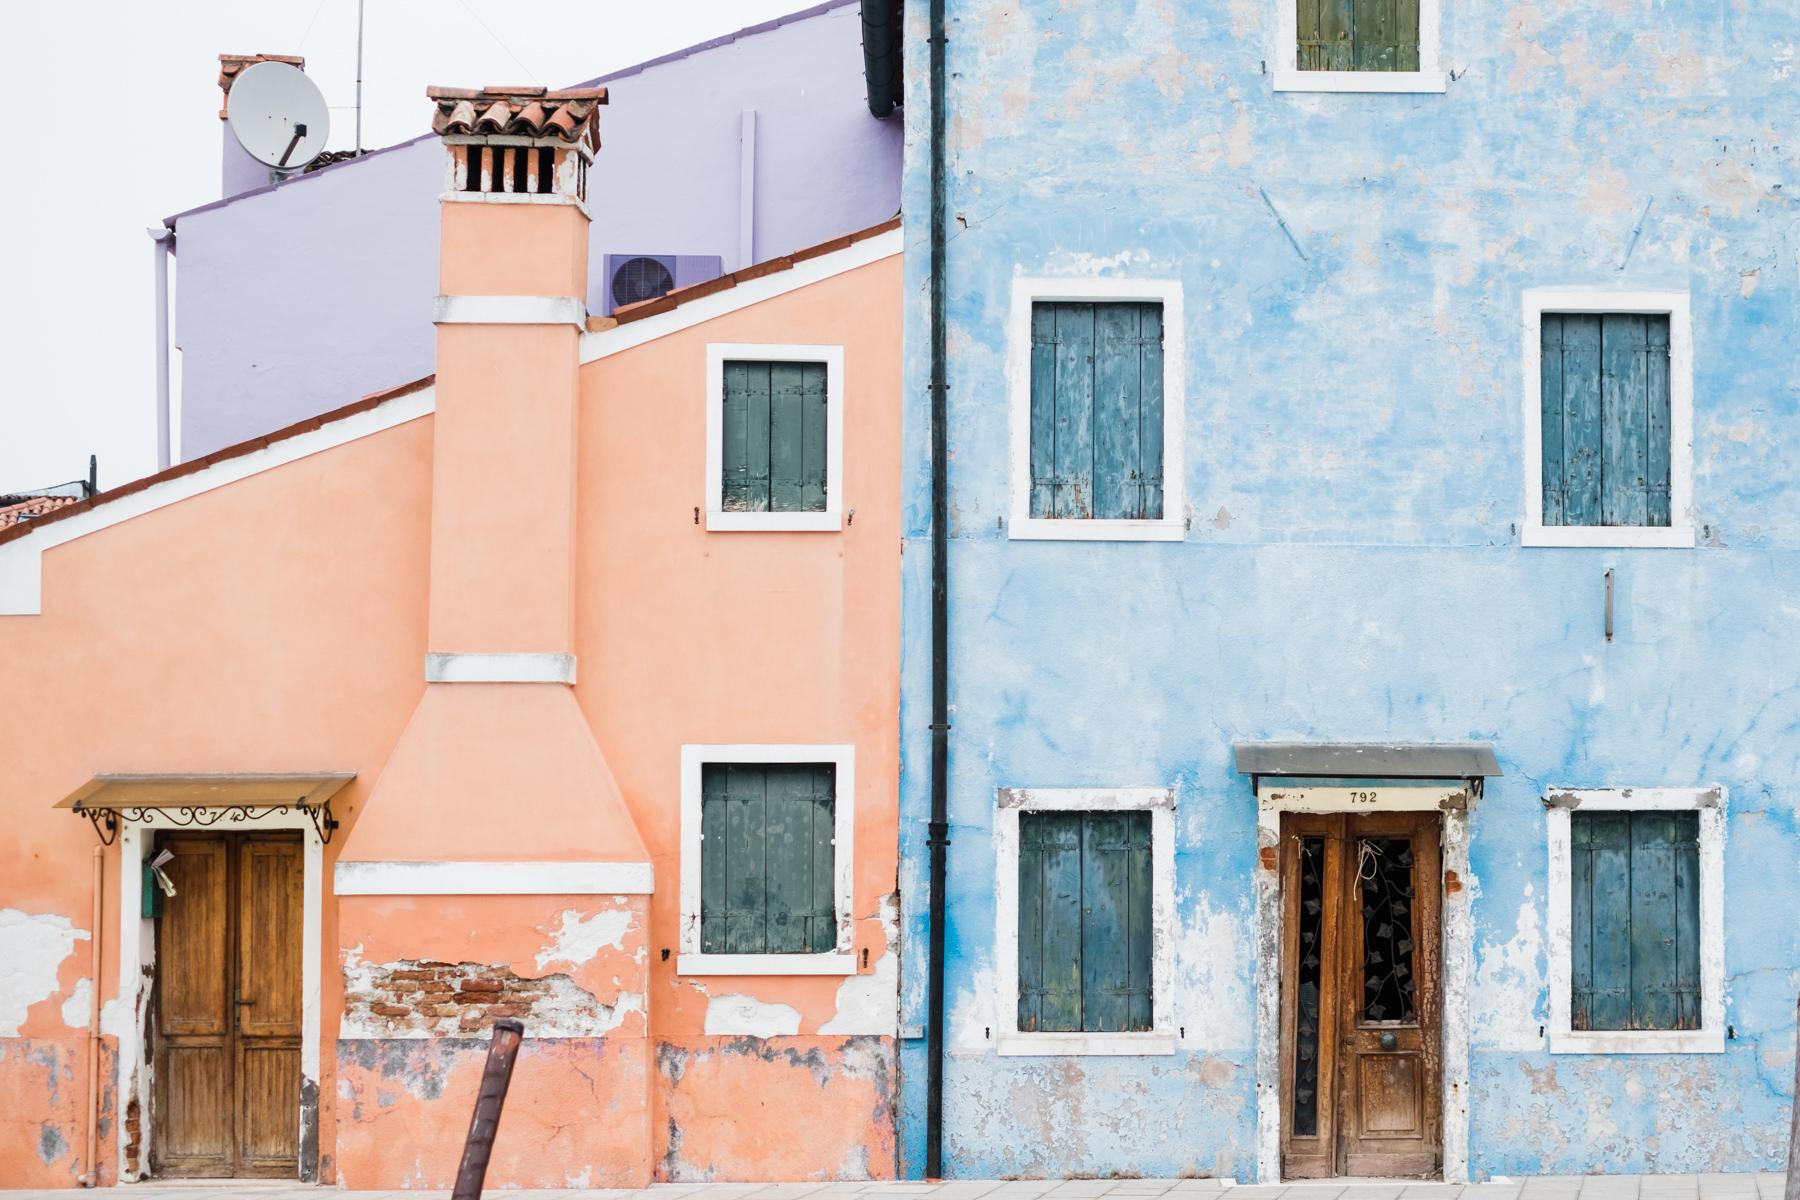 Venice_deersphotography-204